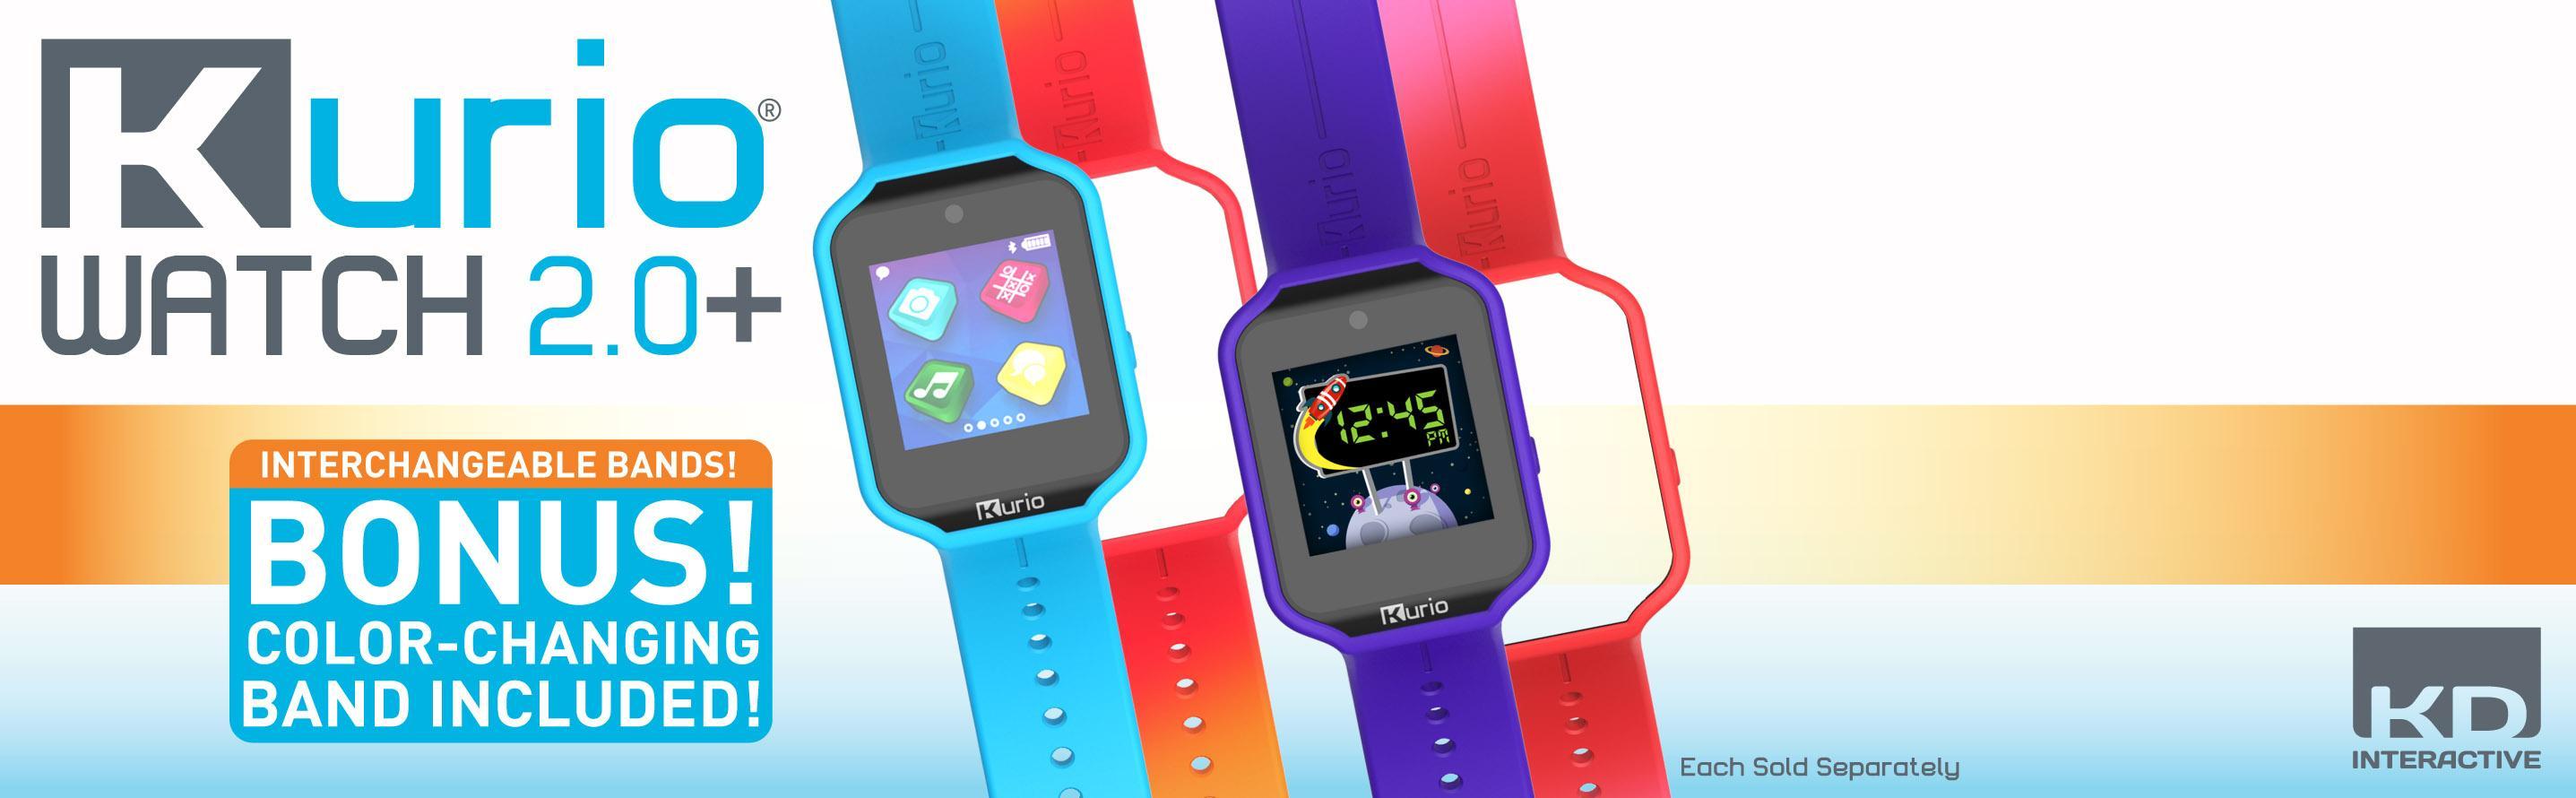 Amazoncom Kurio Watch 20 The Ultimate Smartwatch Built for 2874x890